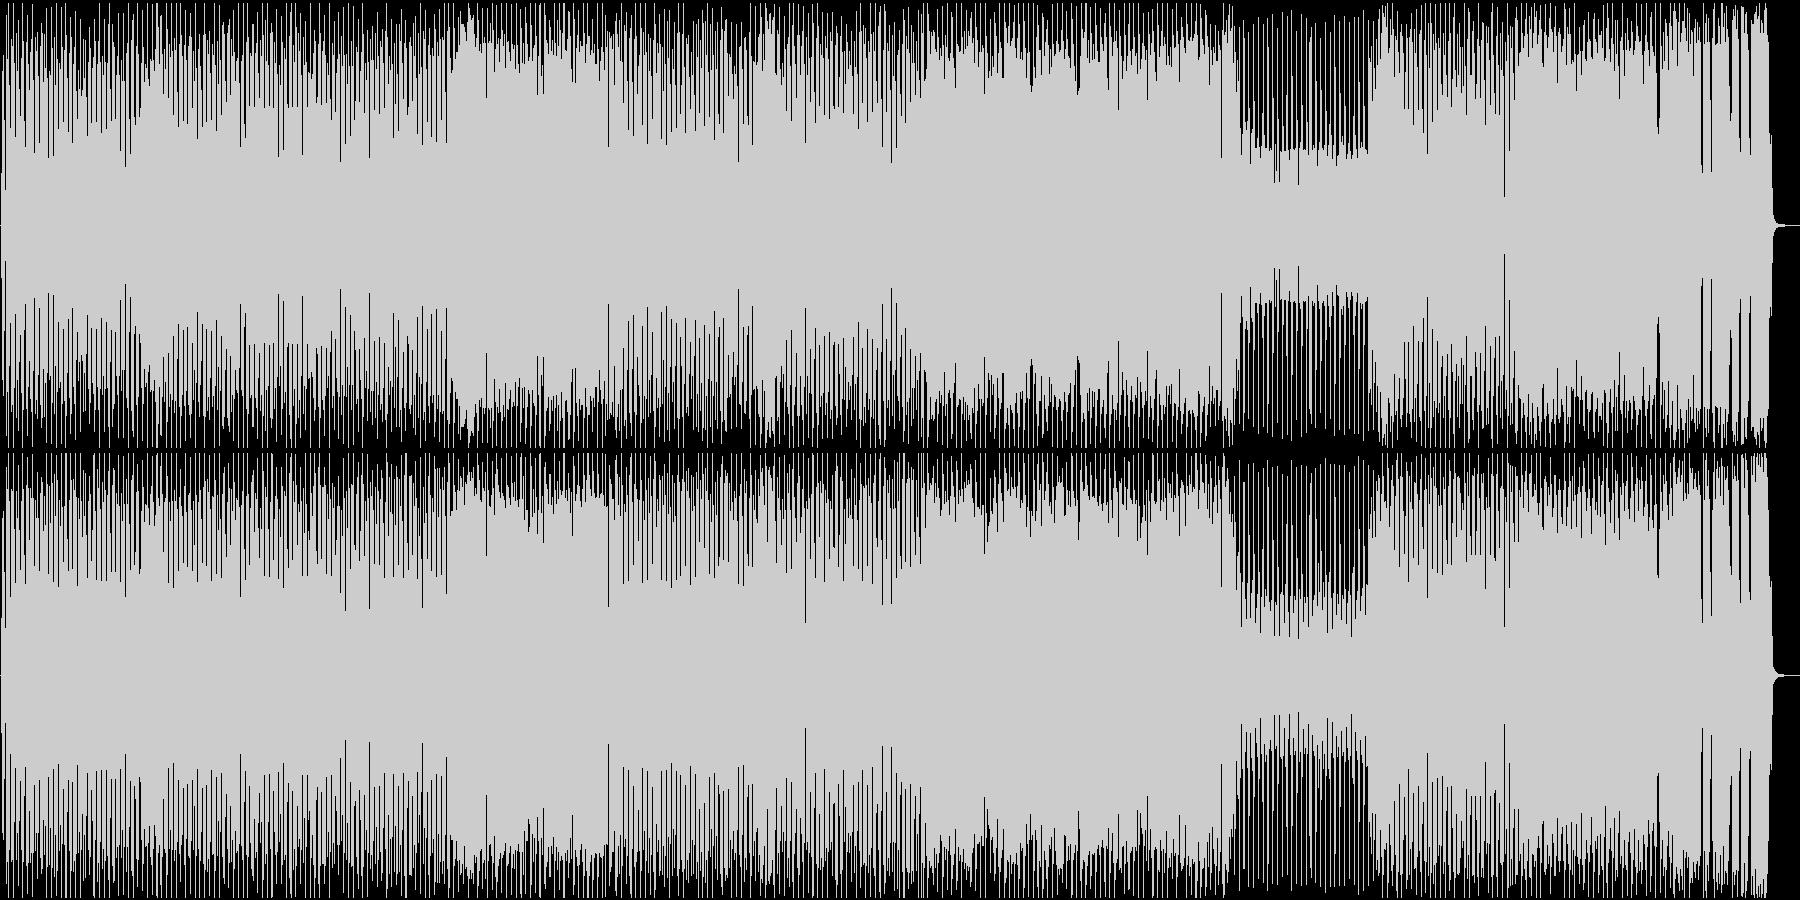 ブギー調のロックンロールナンバー♪OP曲の未再生の波形